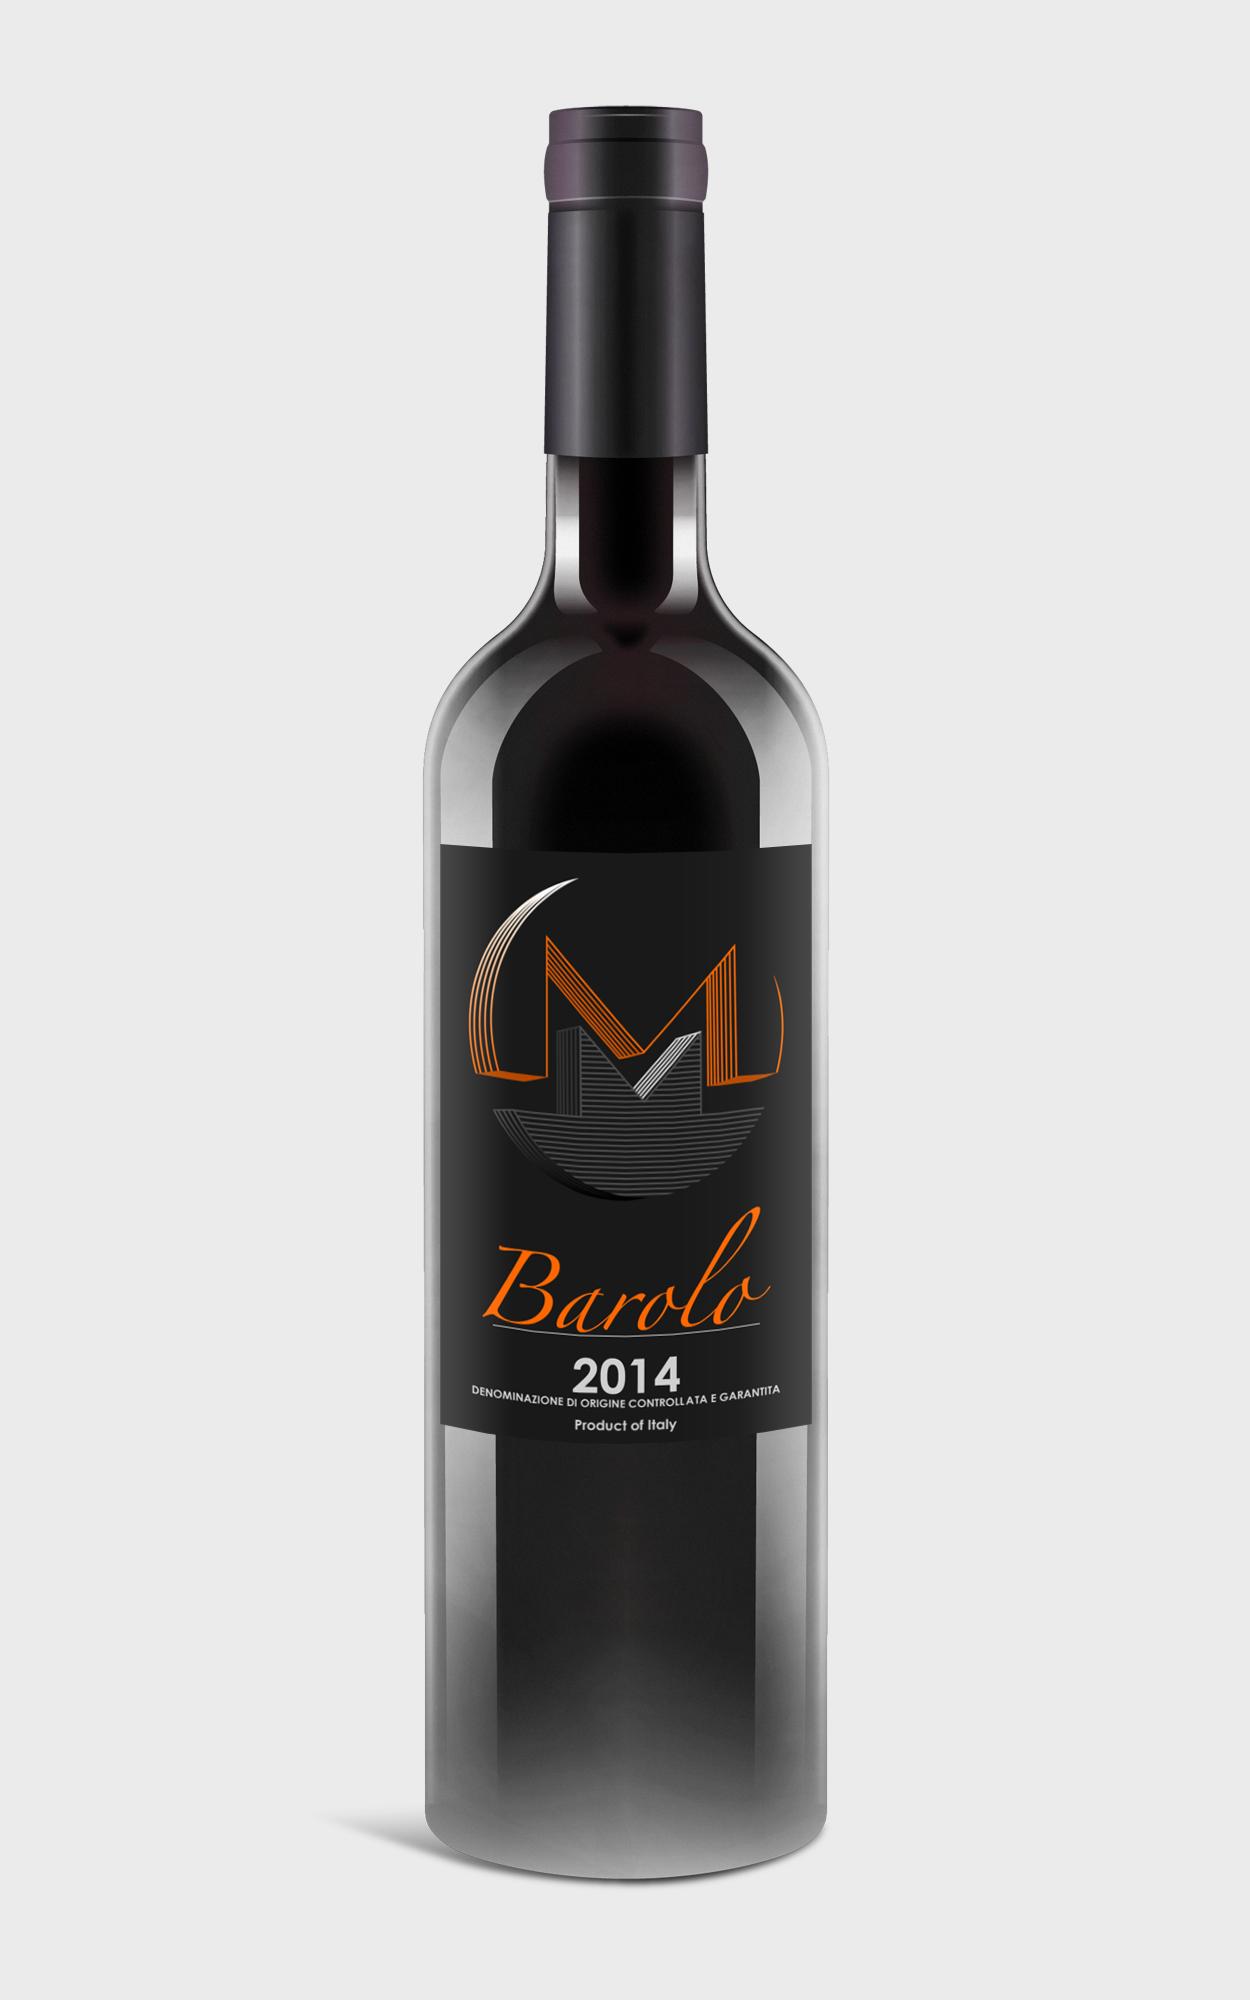 Monero 2014 Doglianivini Barolo Wine Label